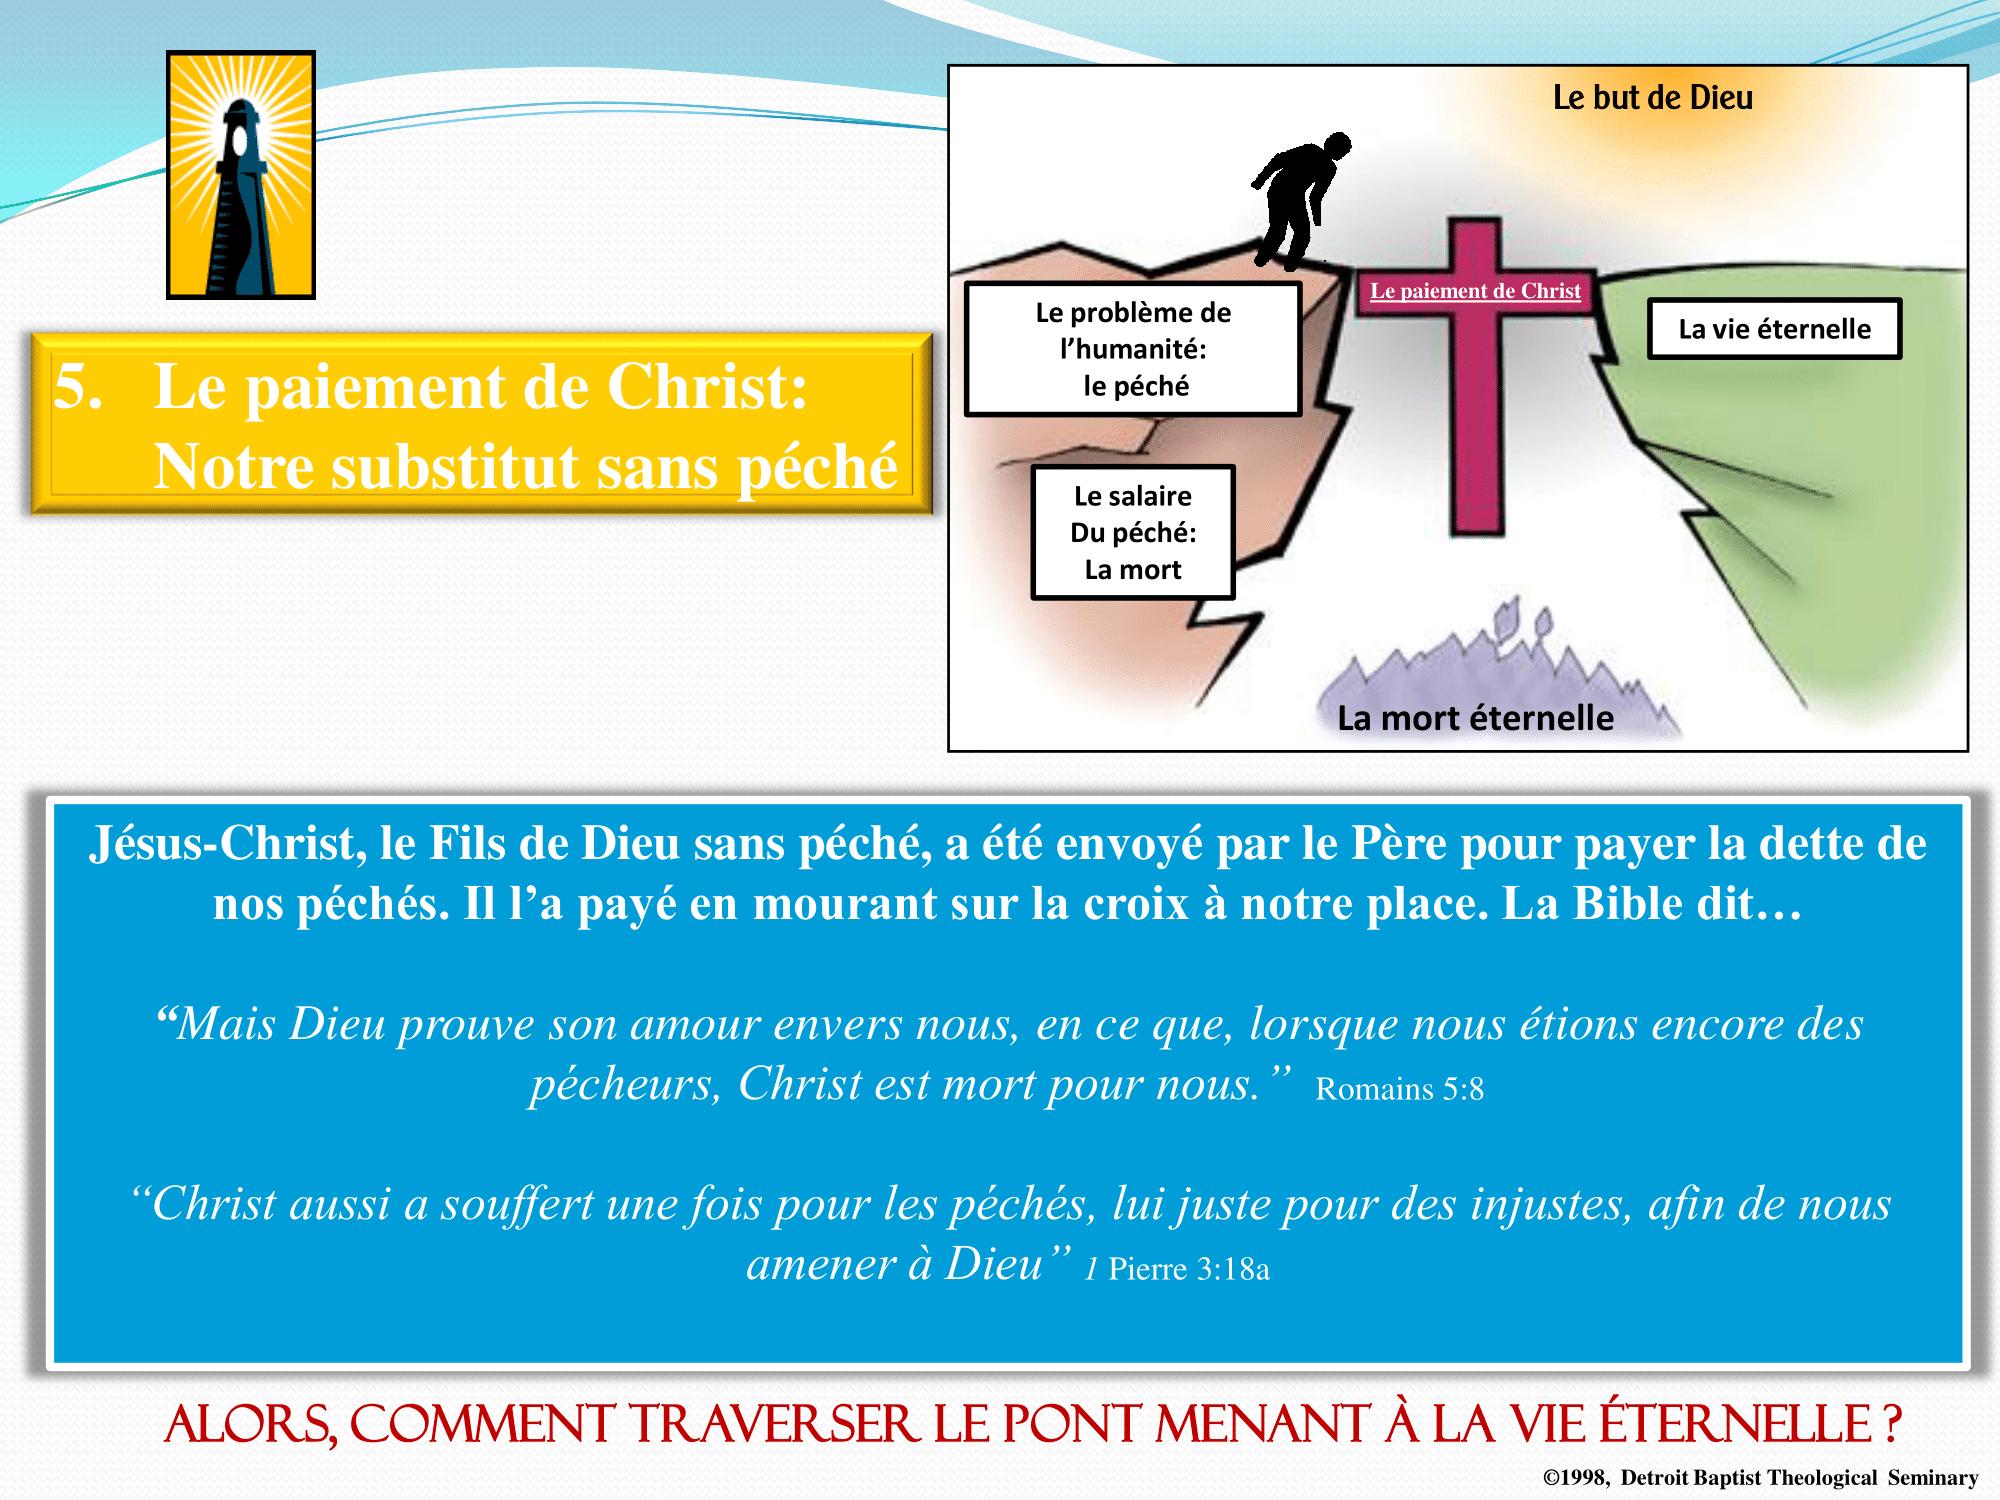 Le paiement de Christ - Notre substitut sans péché